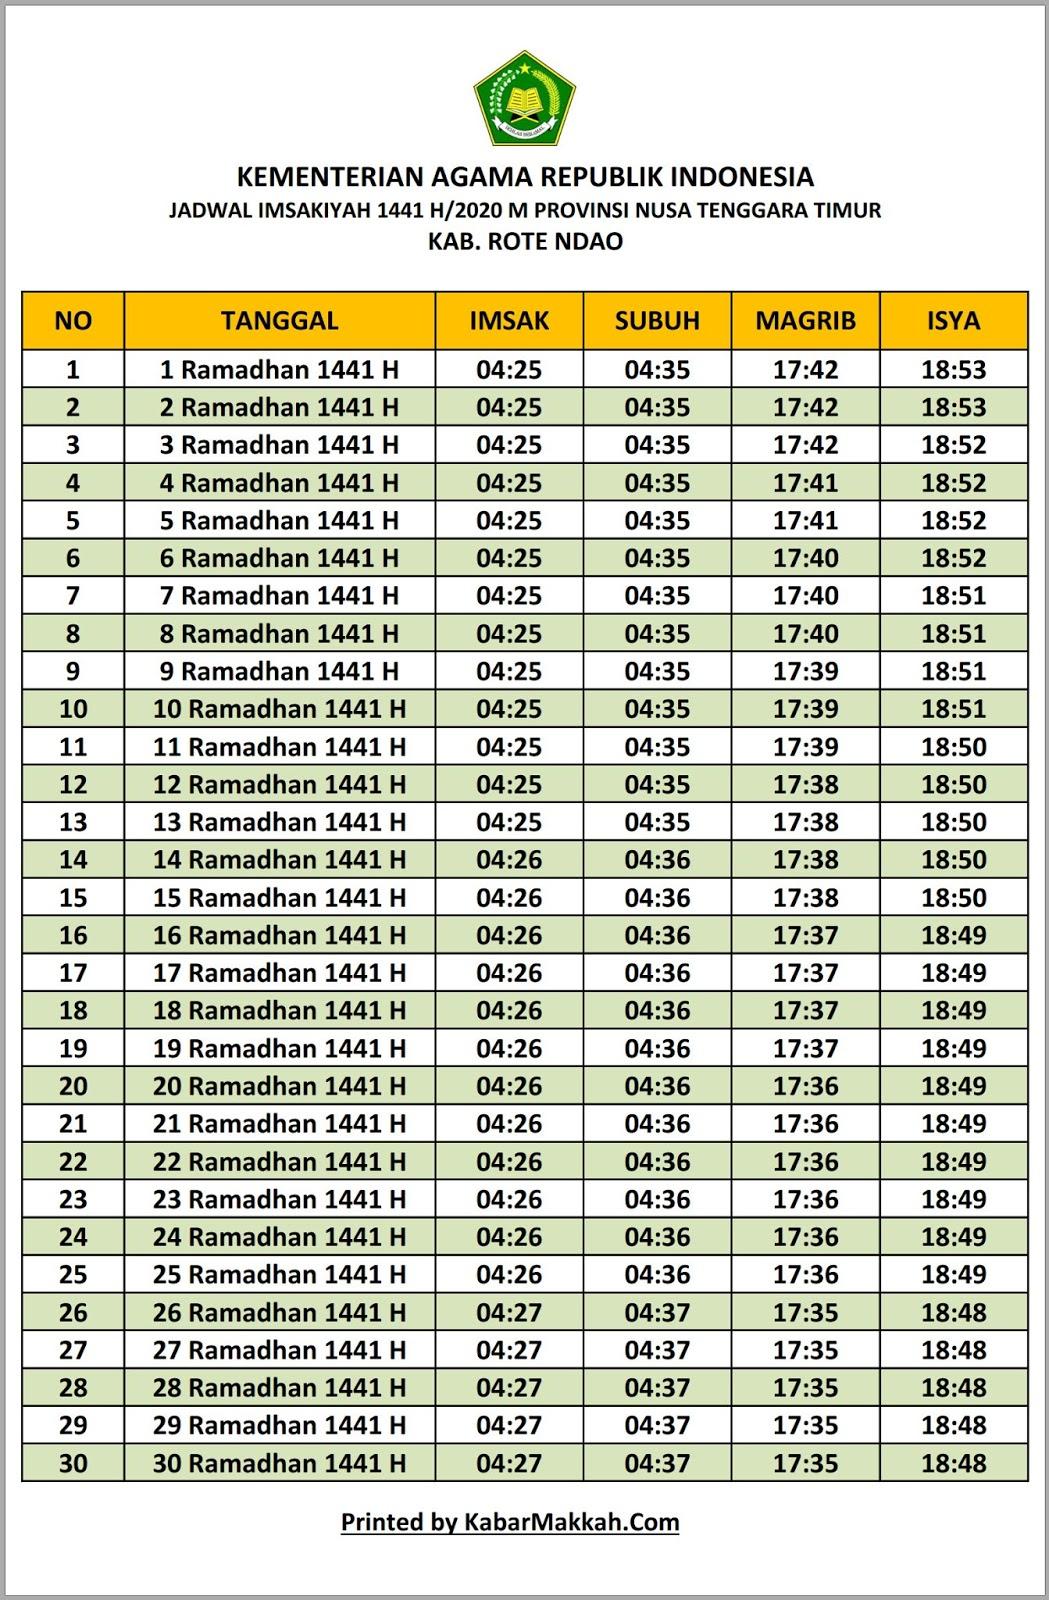 Jadwal Imsakiyah Rote Ndao 2020